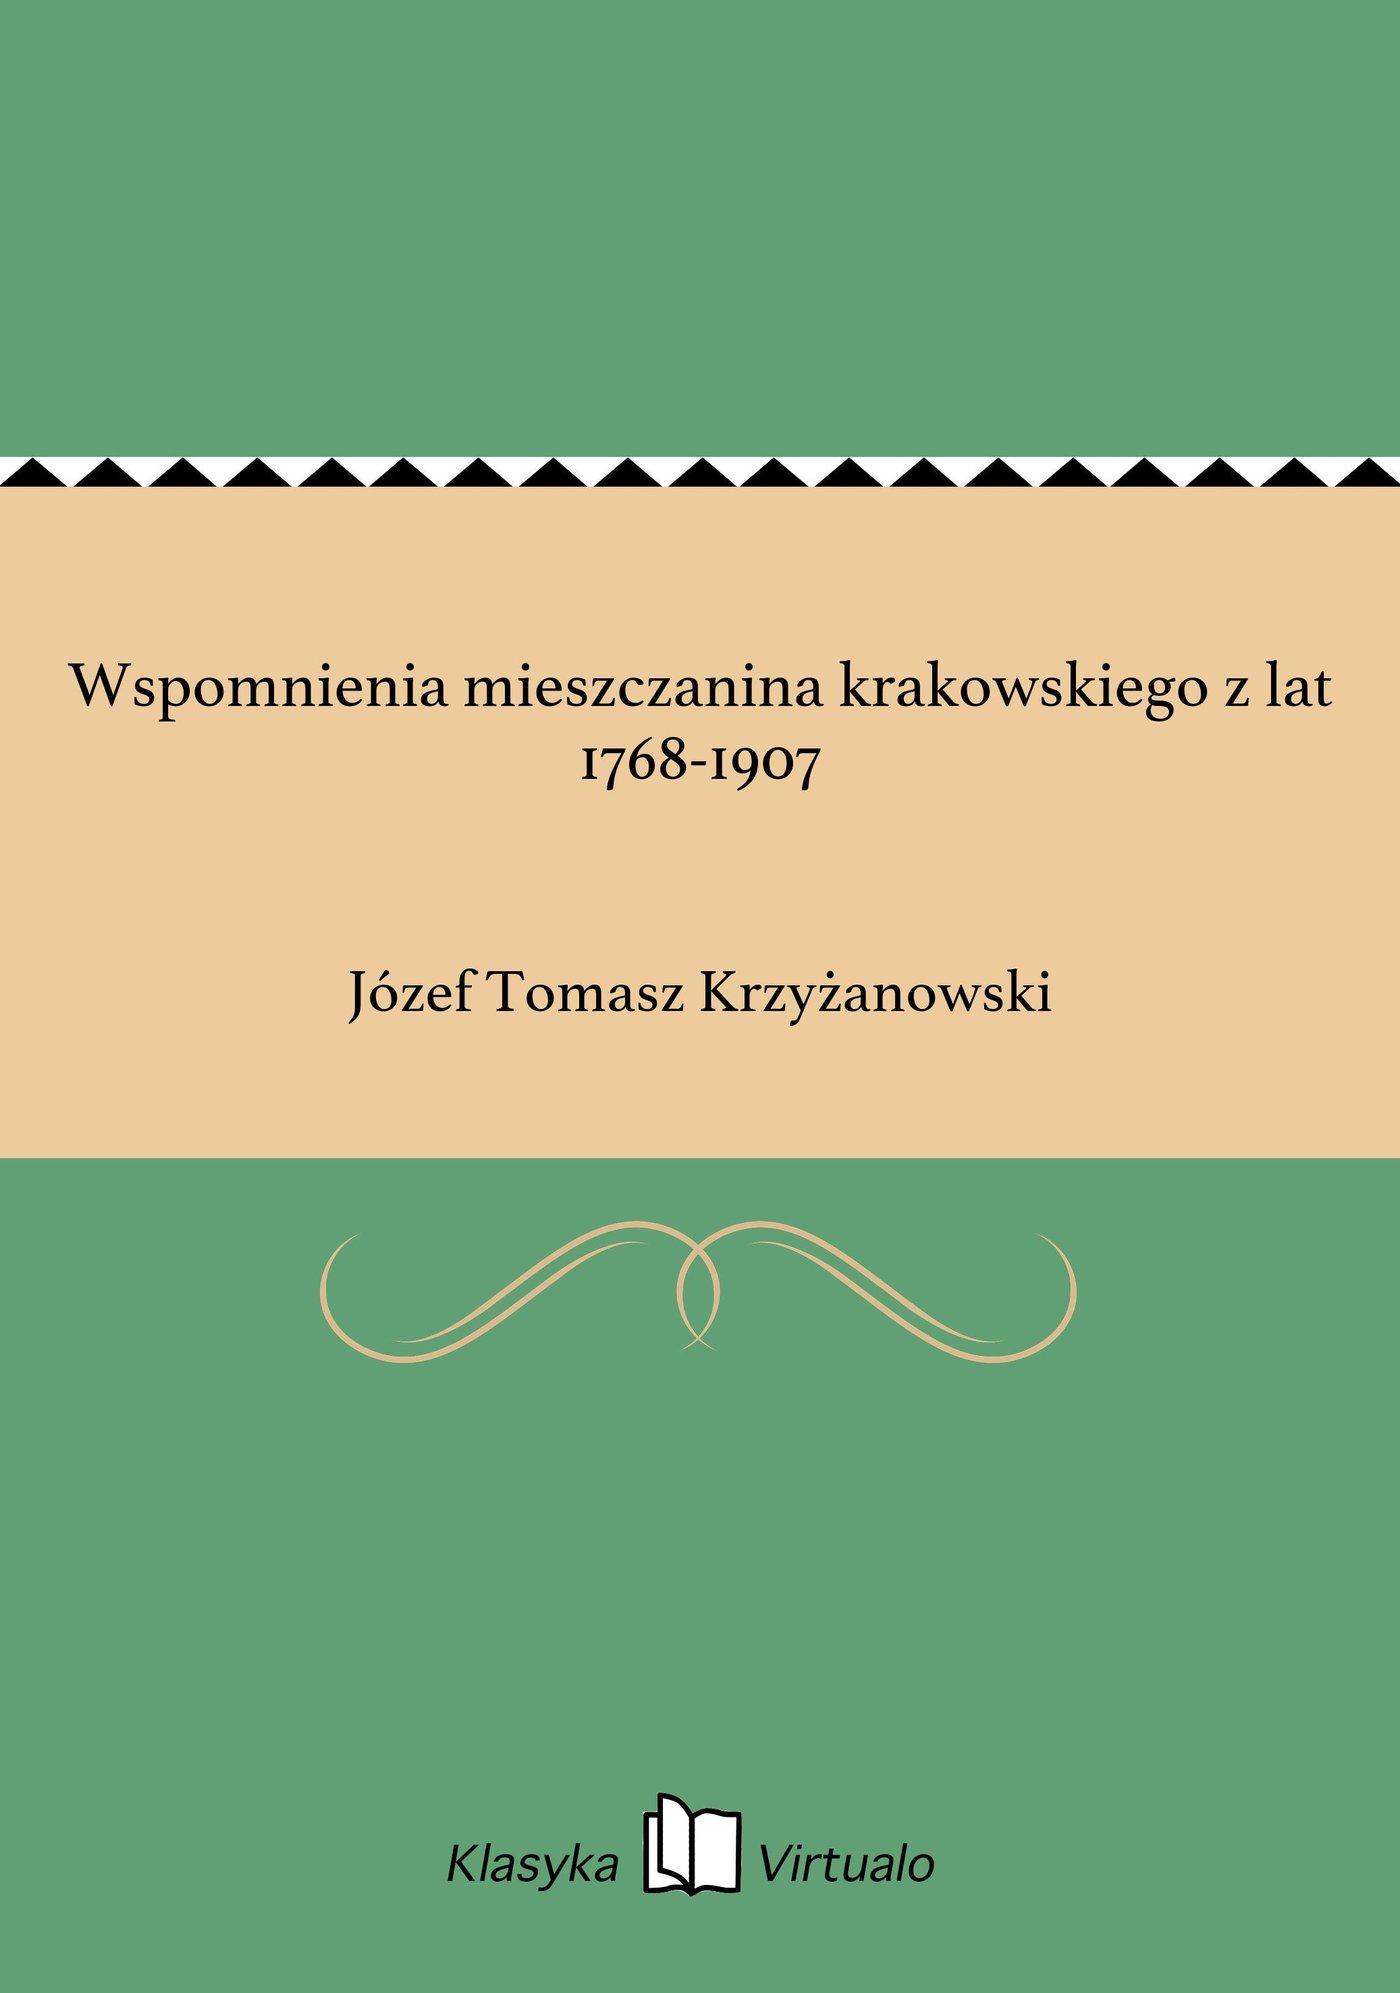 Wspomnienia mieszczanina krakowskiego z lat 1768-1907 - Ebook (Książka na Kindle) do pobrania w formacie MOBI